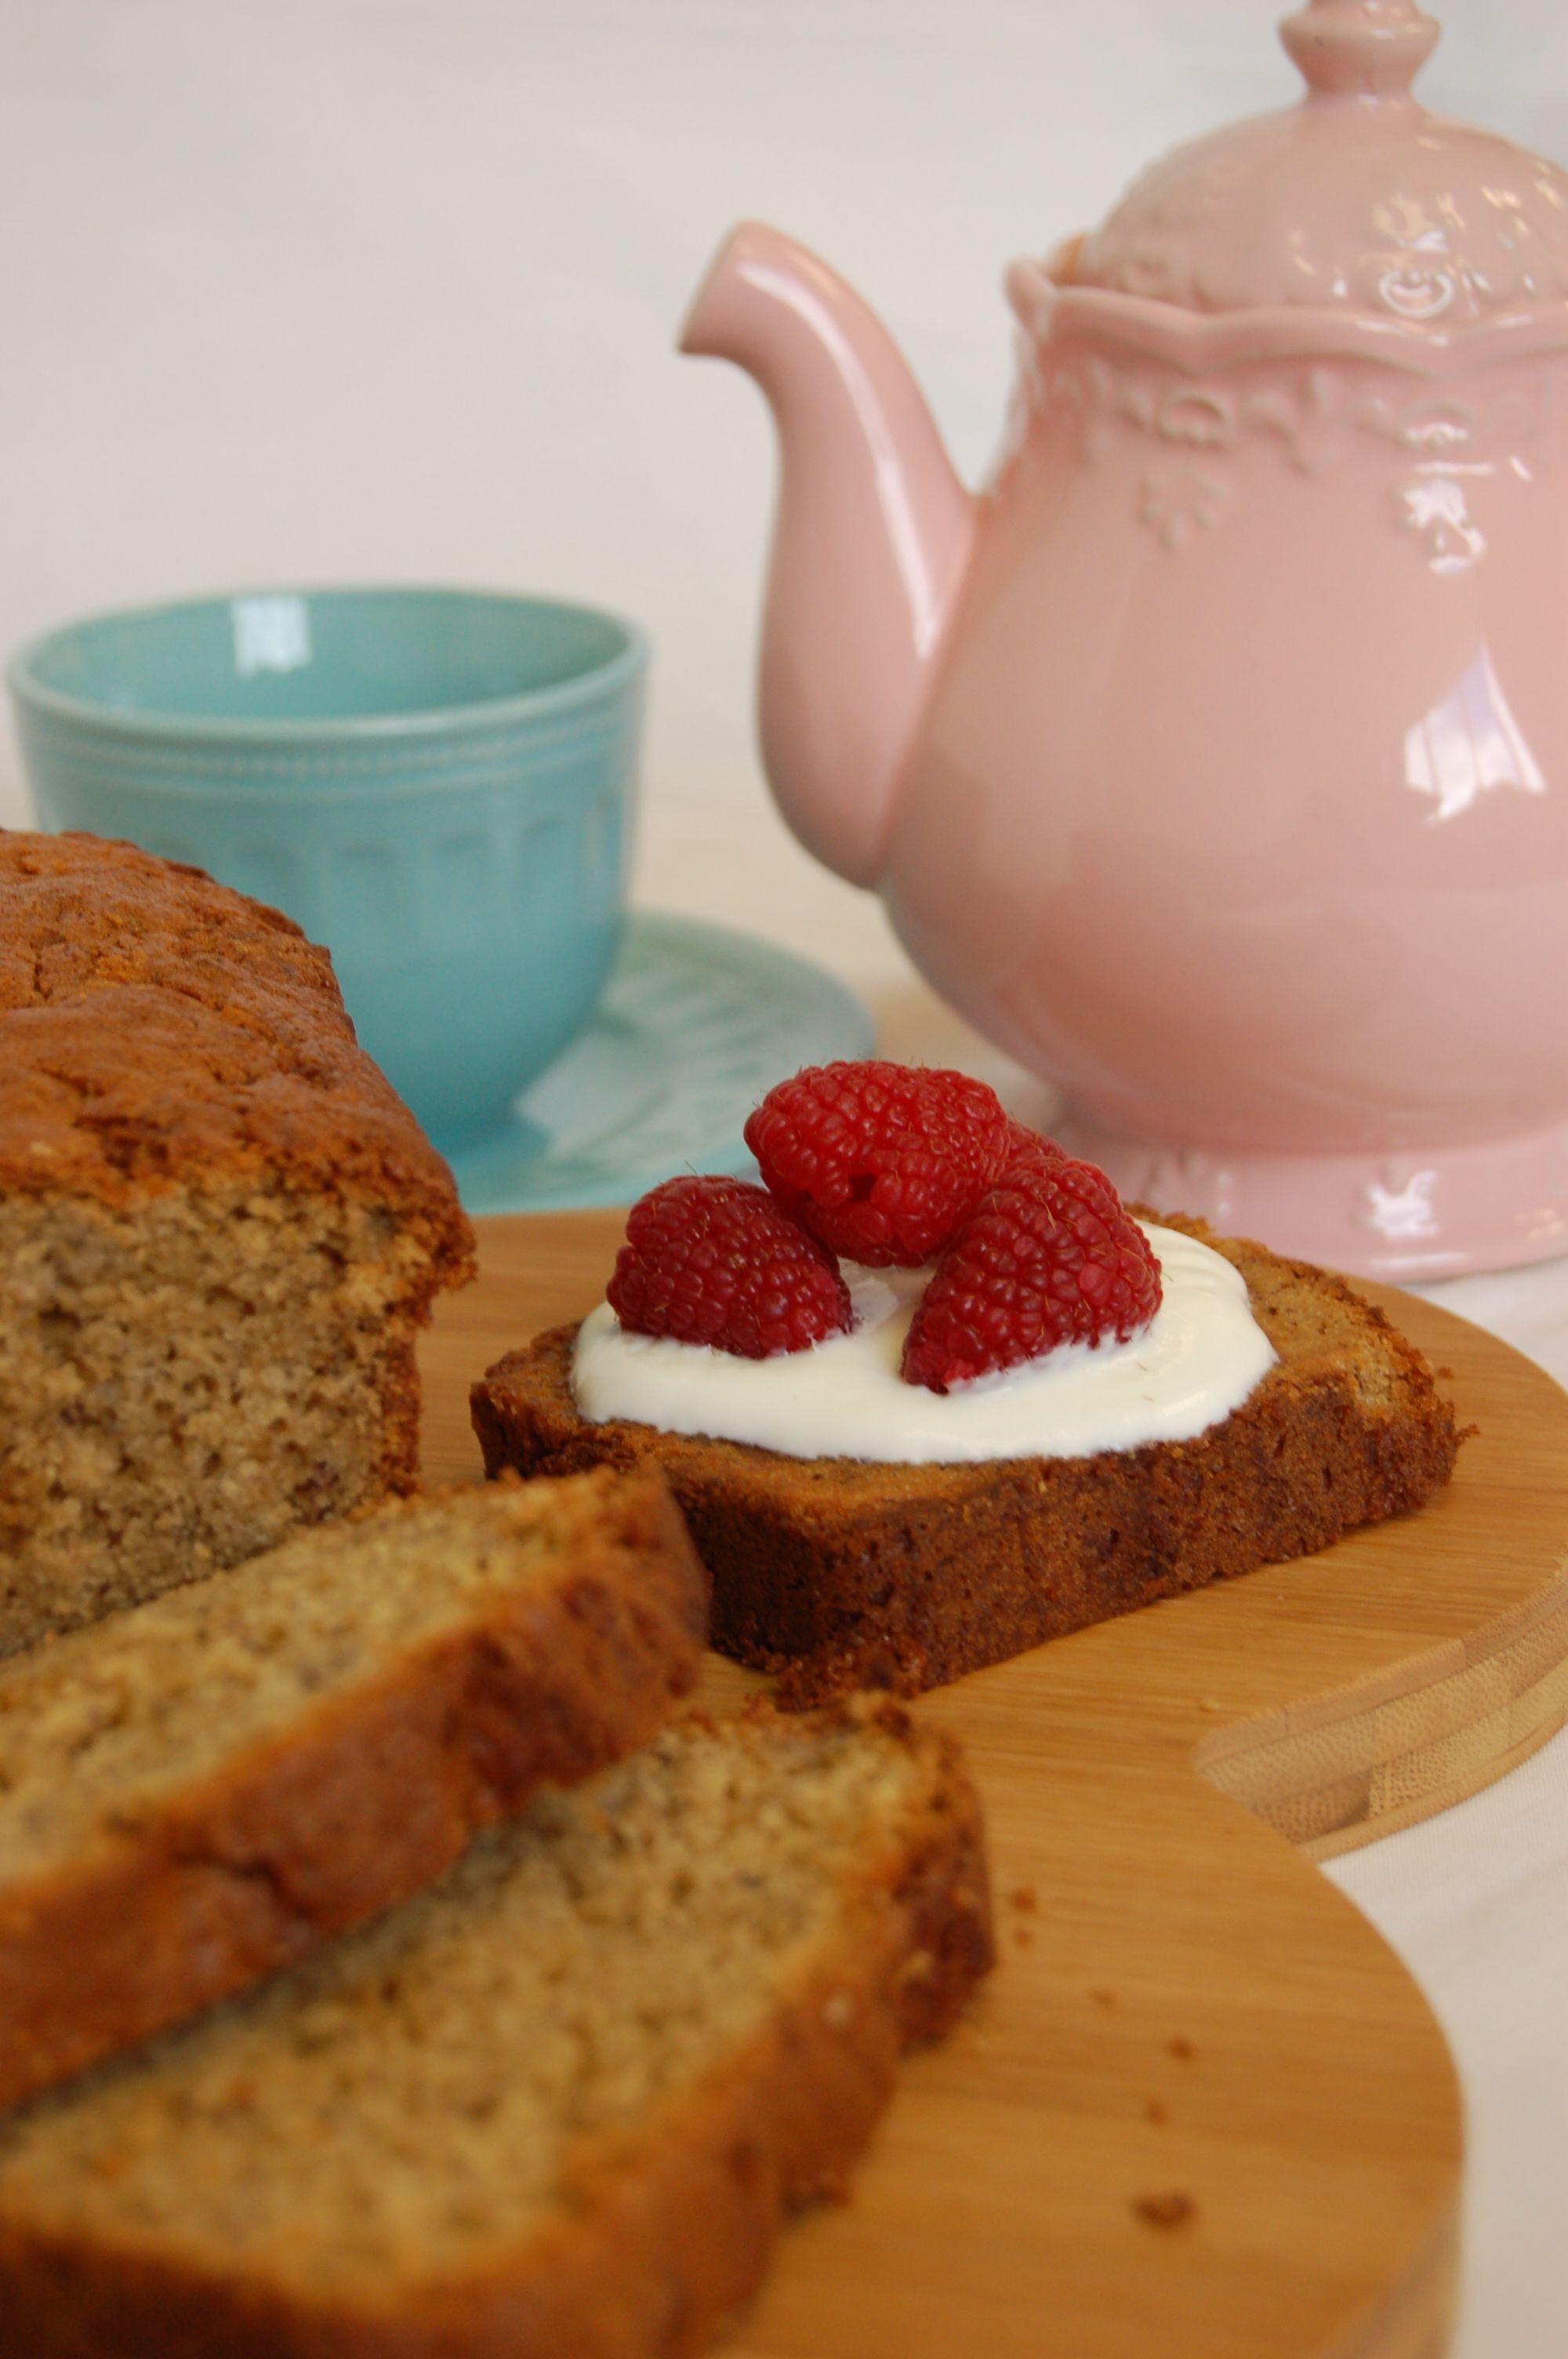 #BananaBread #BreakfastWeek #JamesMartin | Banana bread ...